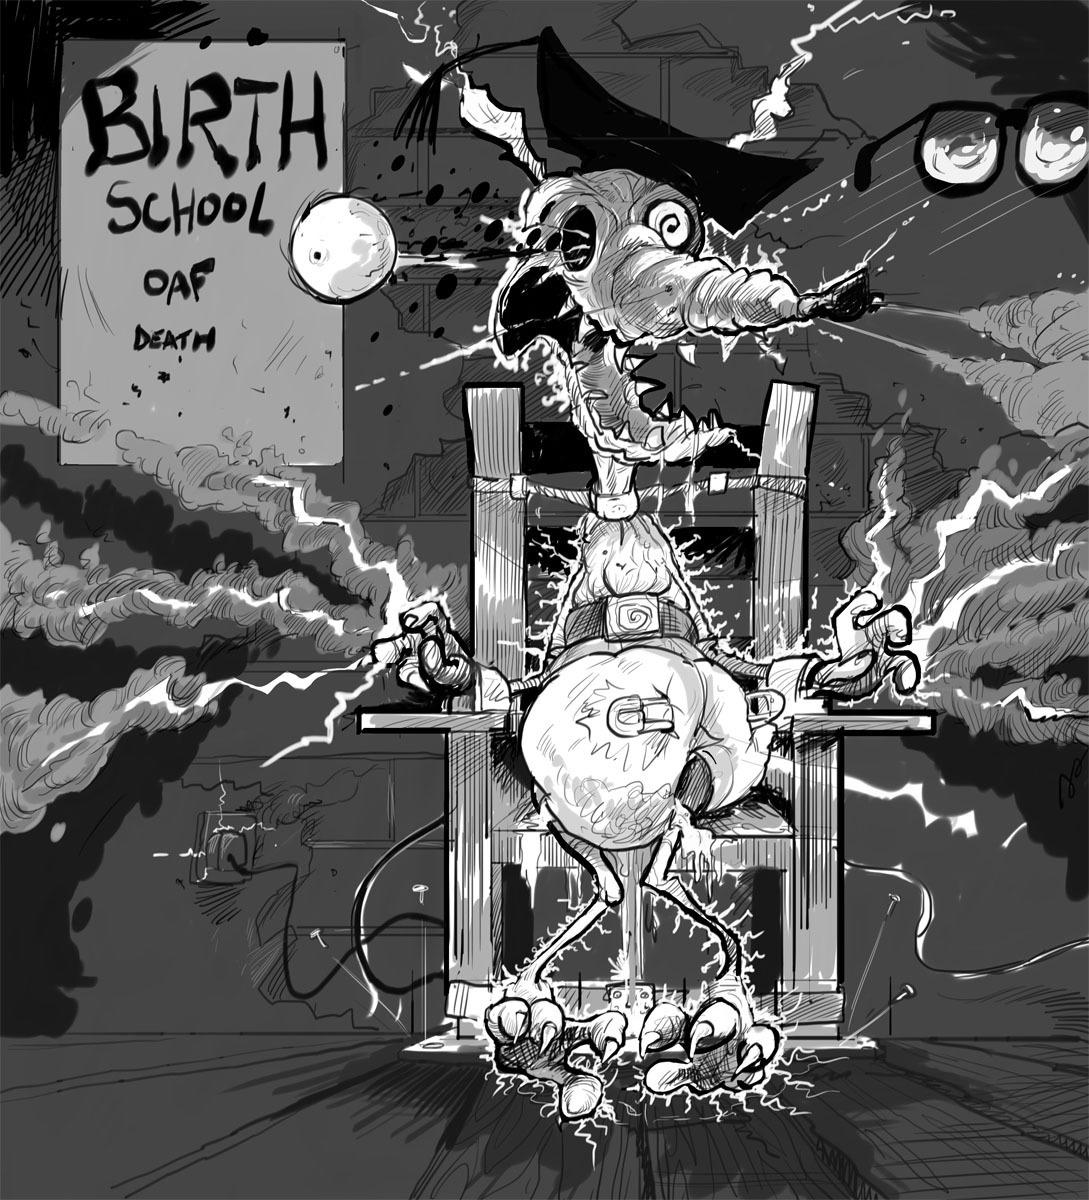 CD Review: Birth, School, Oaf, Death by Oaf